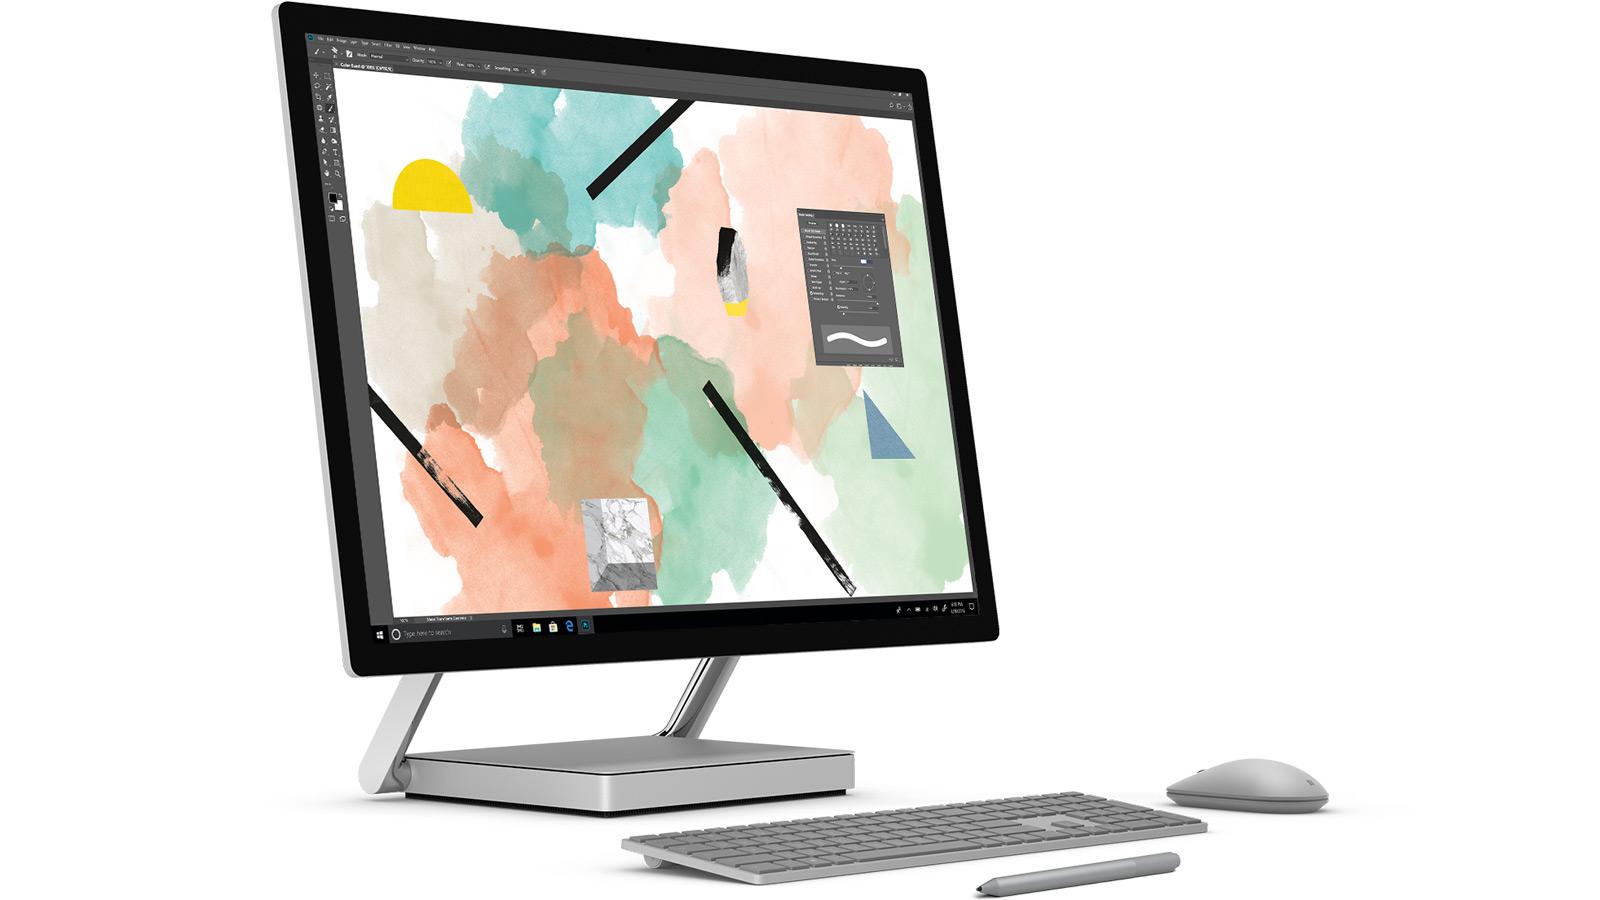 Surface Studio med tangentbord, mus och Surface-penna